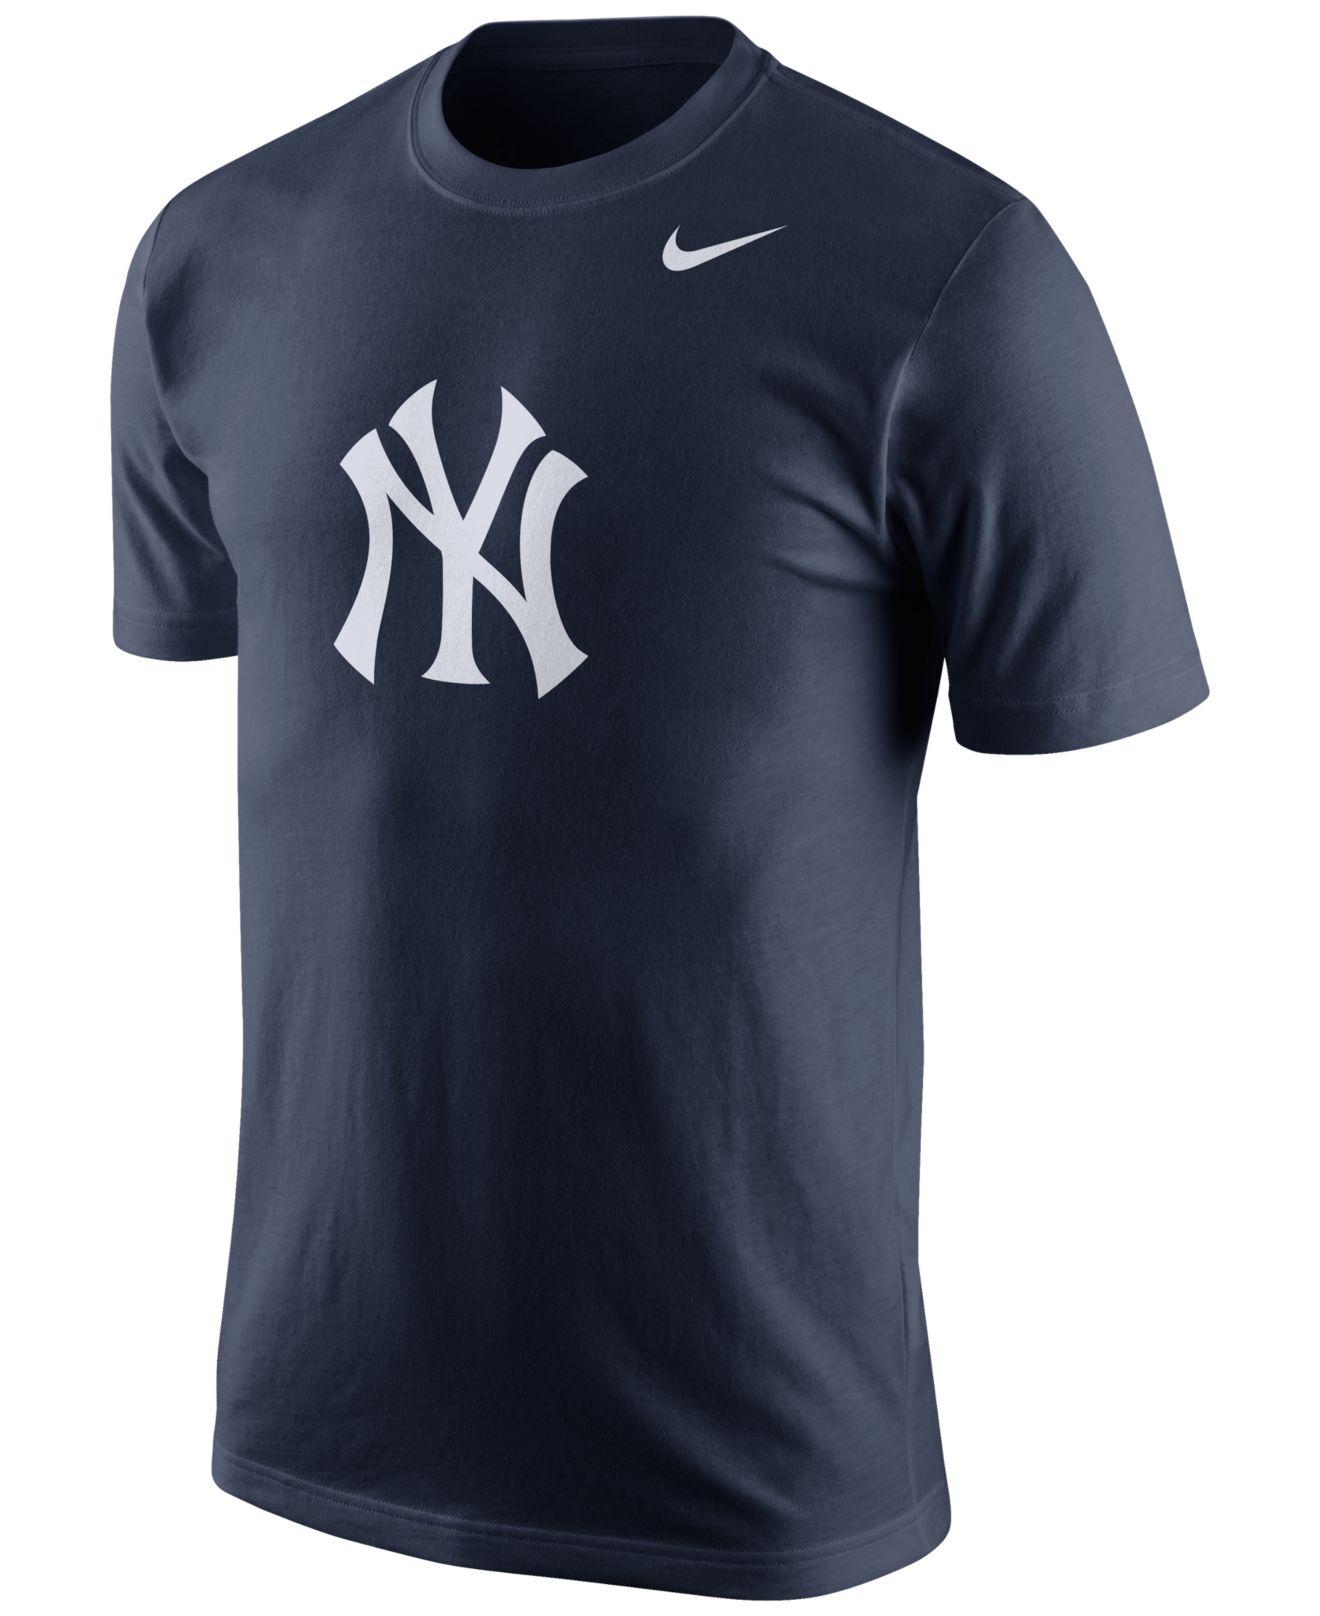 Nike men 39 s new york yankees logo t shirt in blue for men for Navy blue and white nike shirt